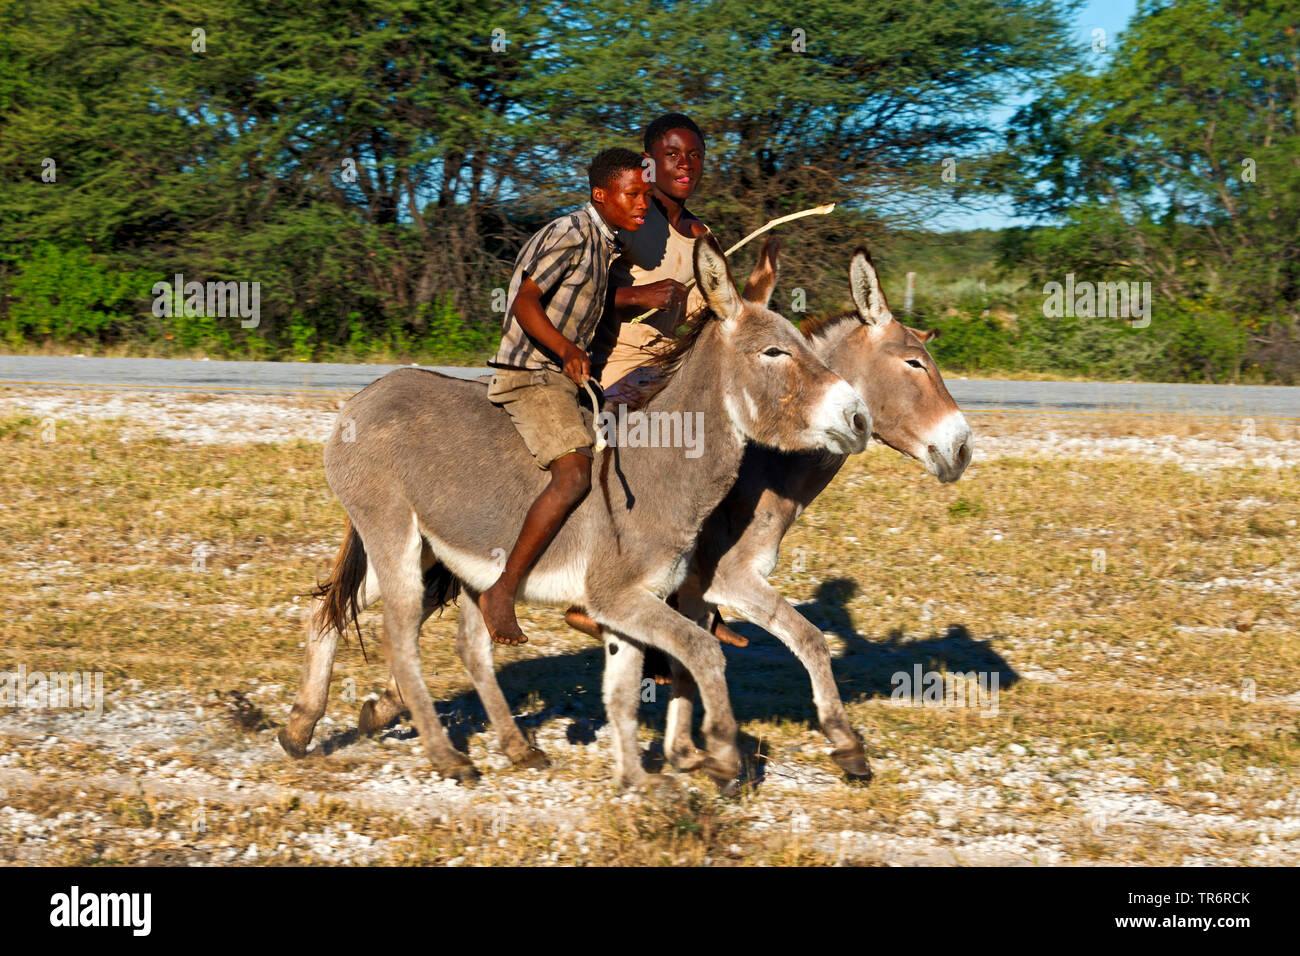 Domestic donkey (Equus asinus asinus), two boy riding on donkeys, Namibia, Rundu Stock Photo